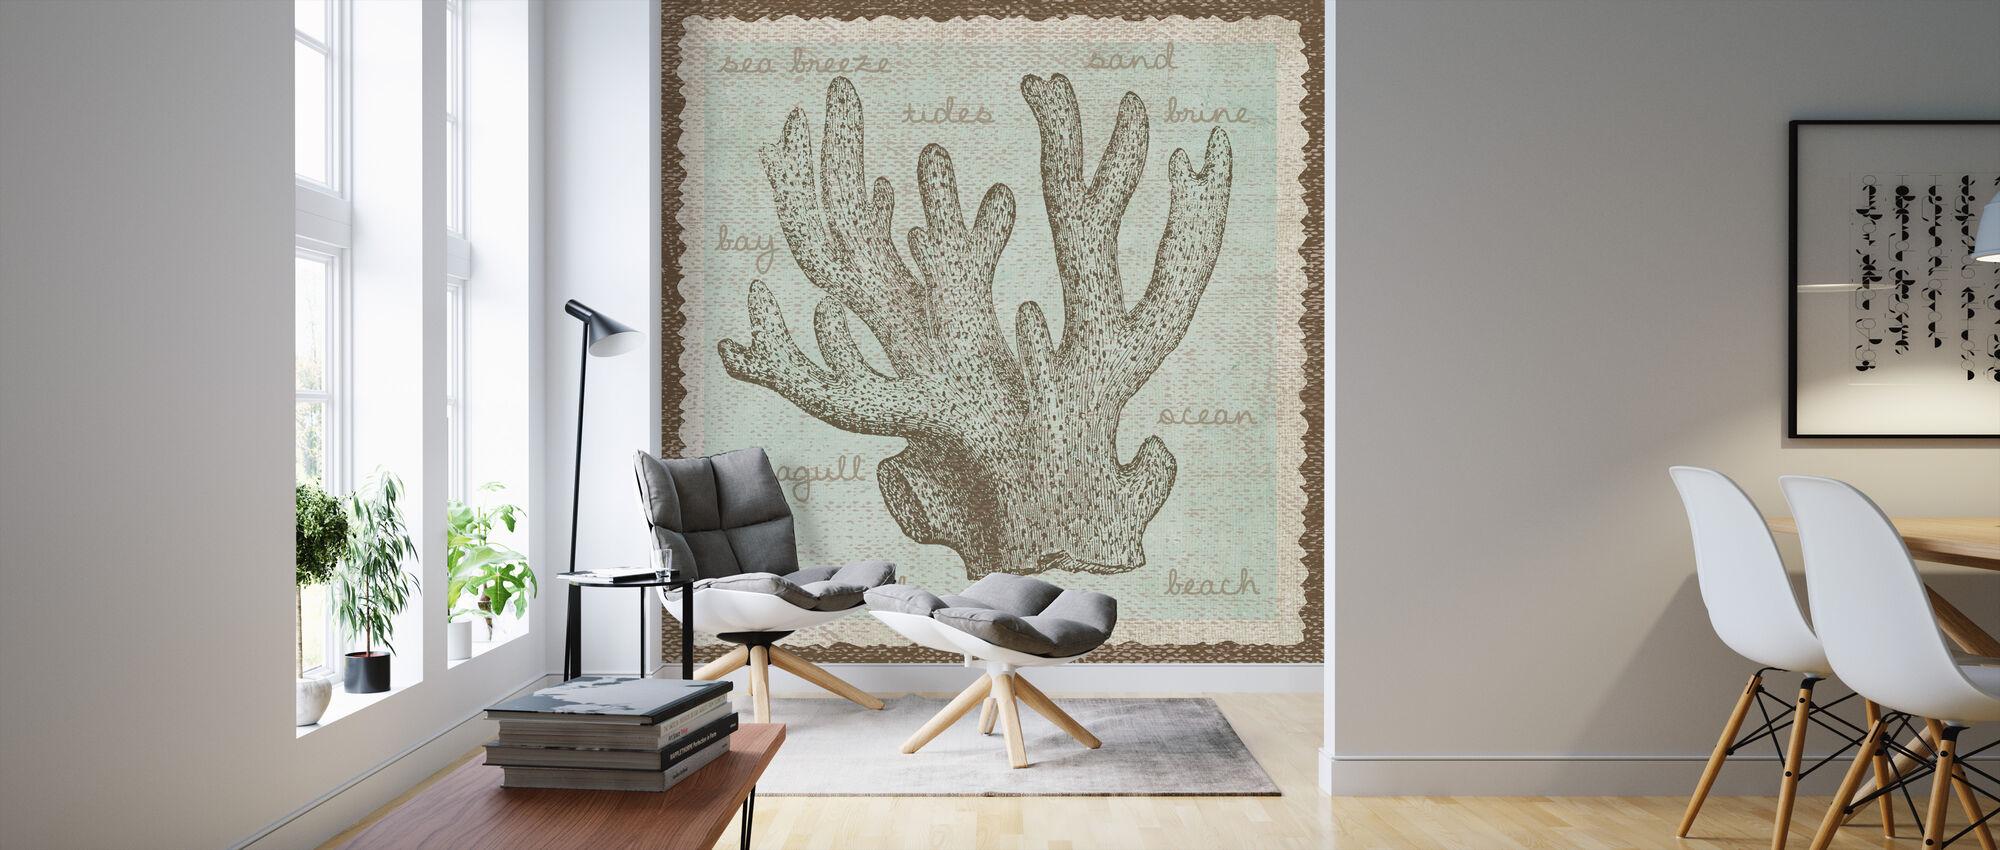 Coral Art - Wallpaper - Living Room